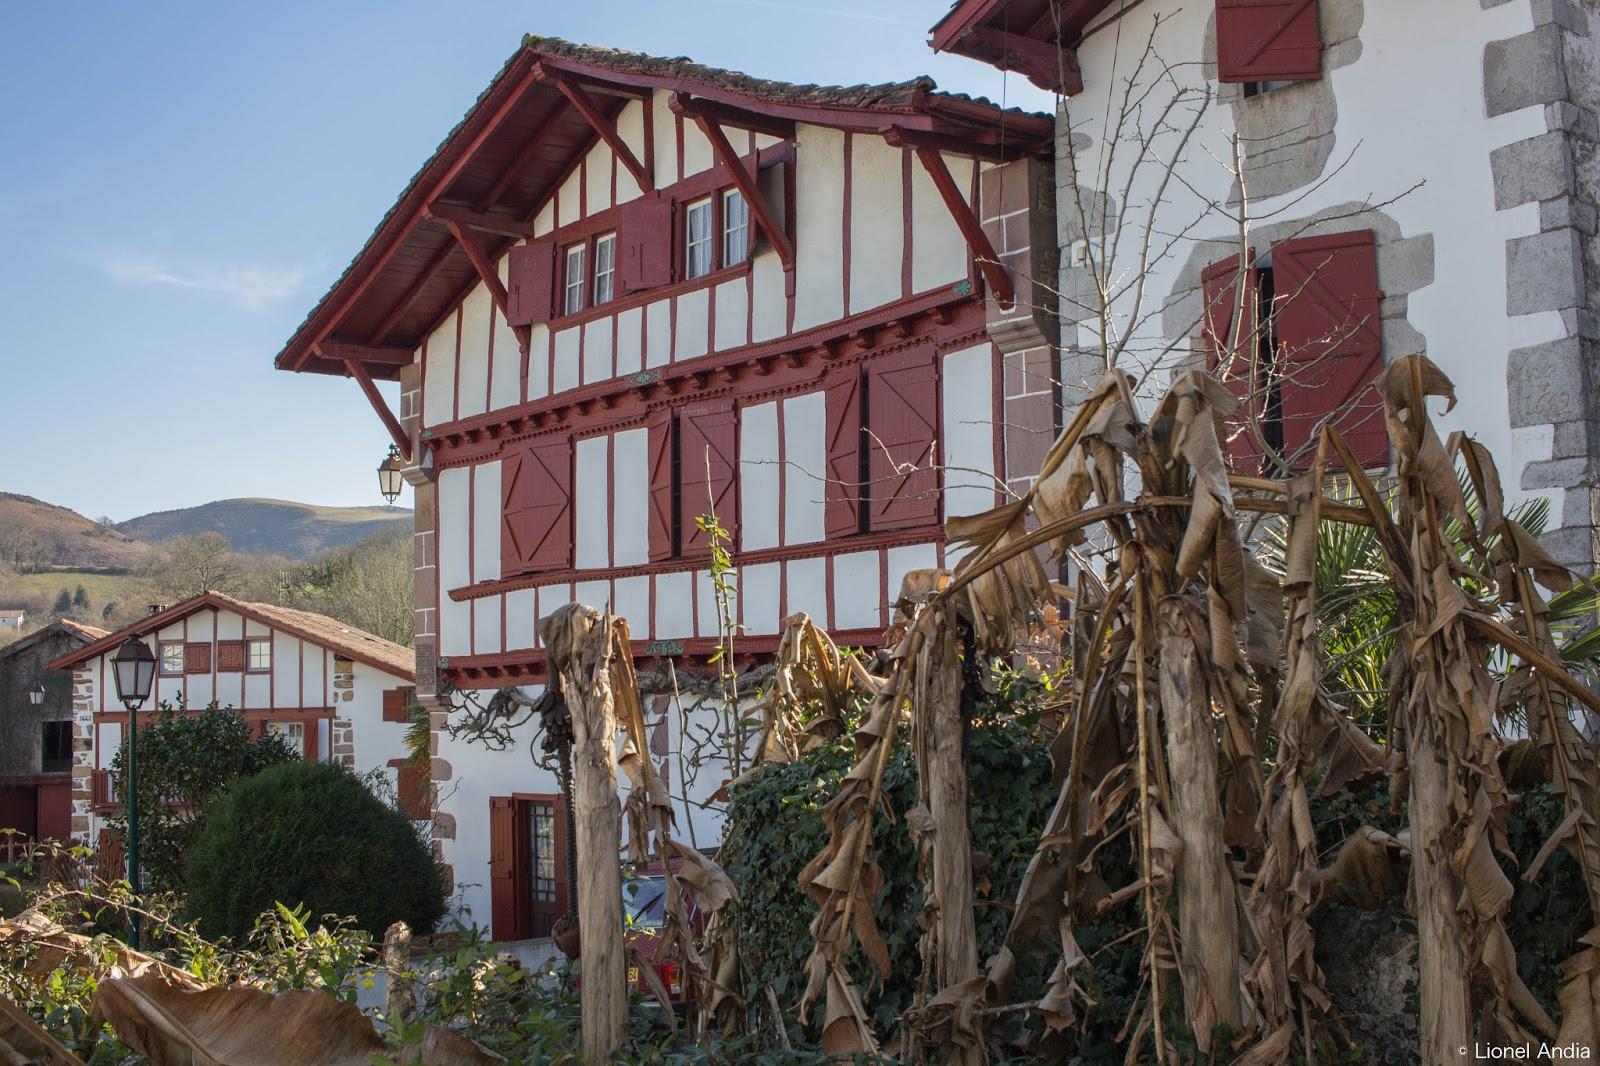 Patrimoine pays basque le village d 39 ainhoa - Office du tourisme du pays basque ...